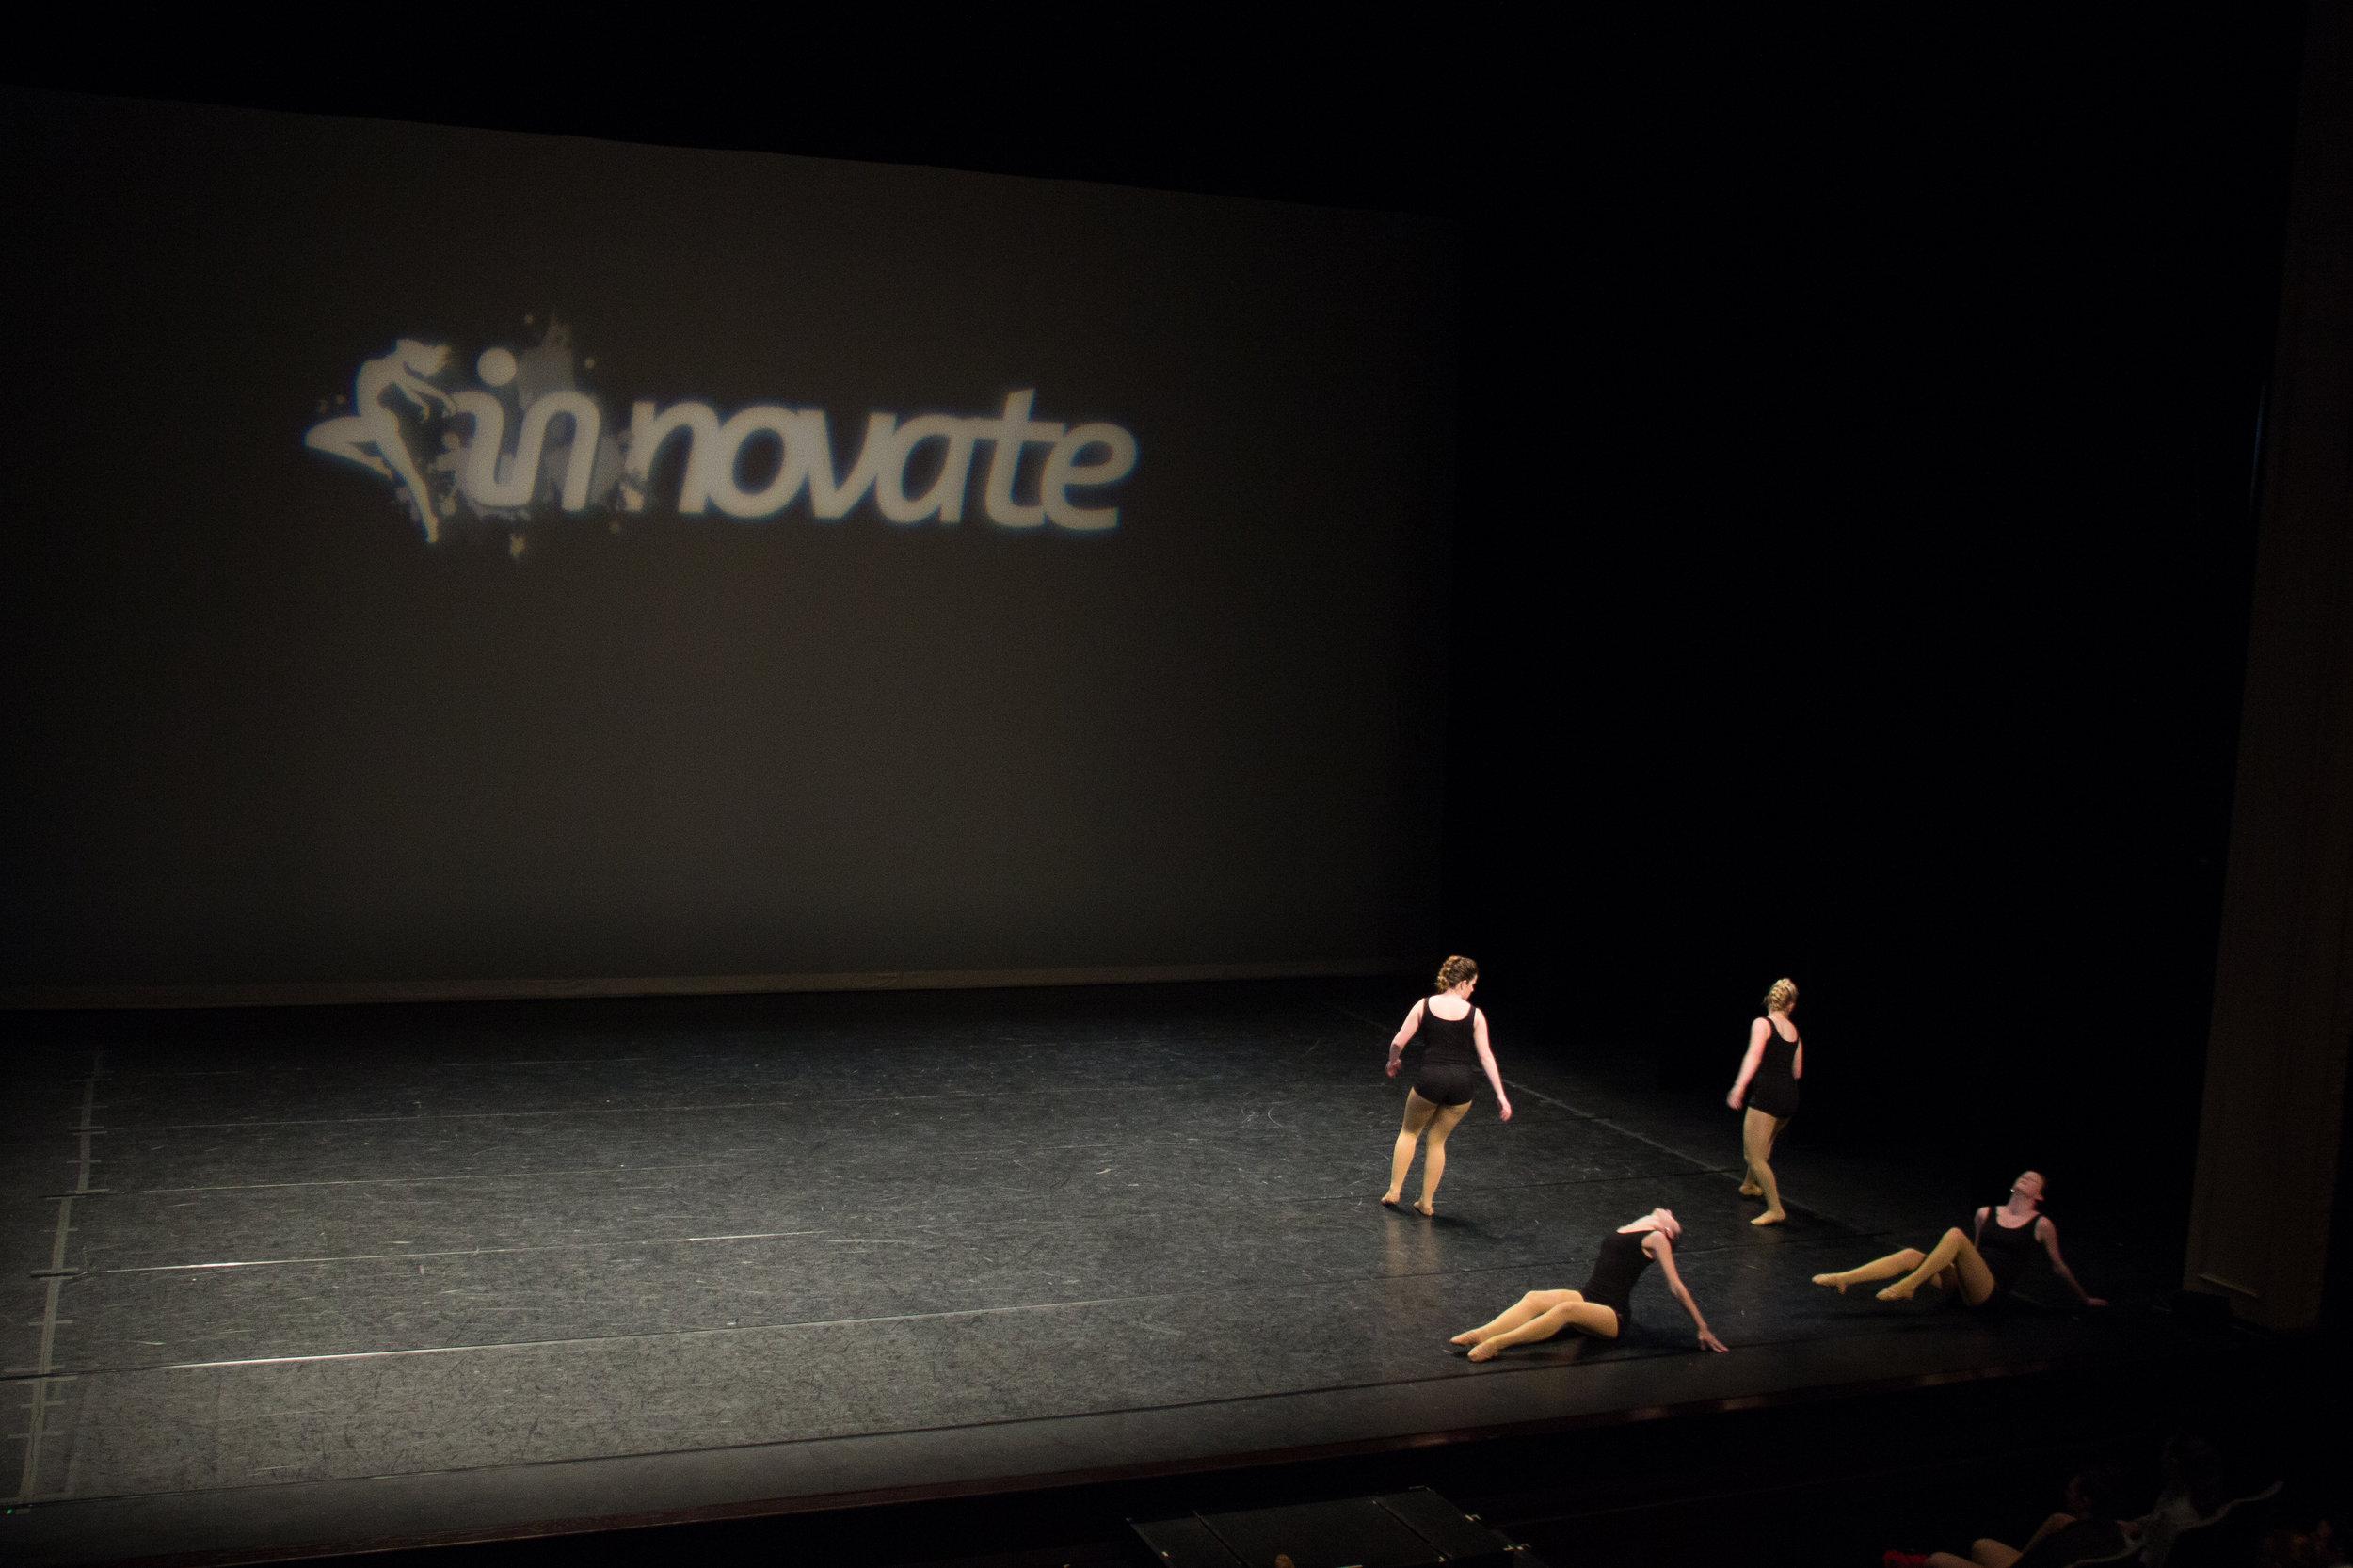 InnovateDay2-230.jpg